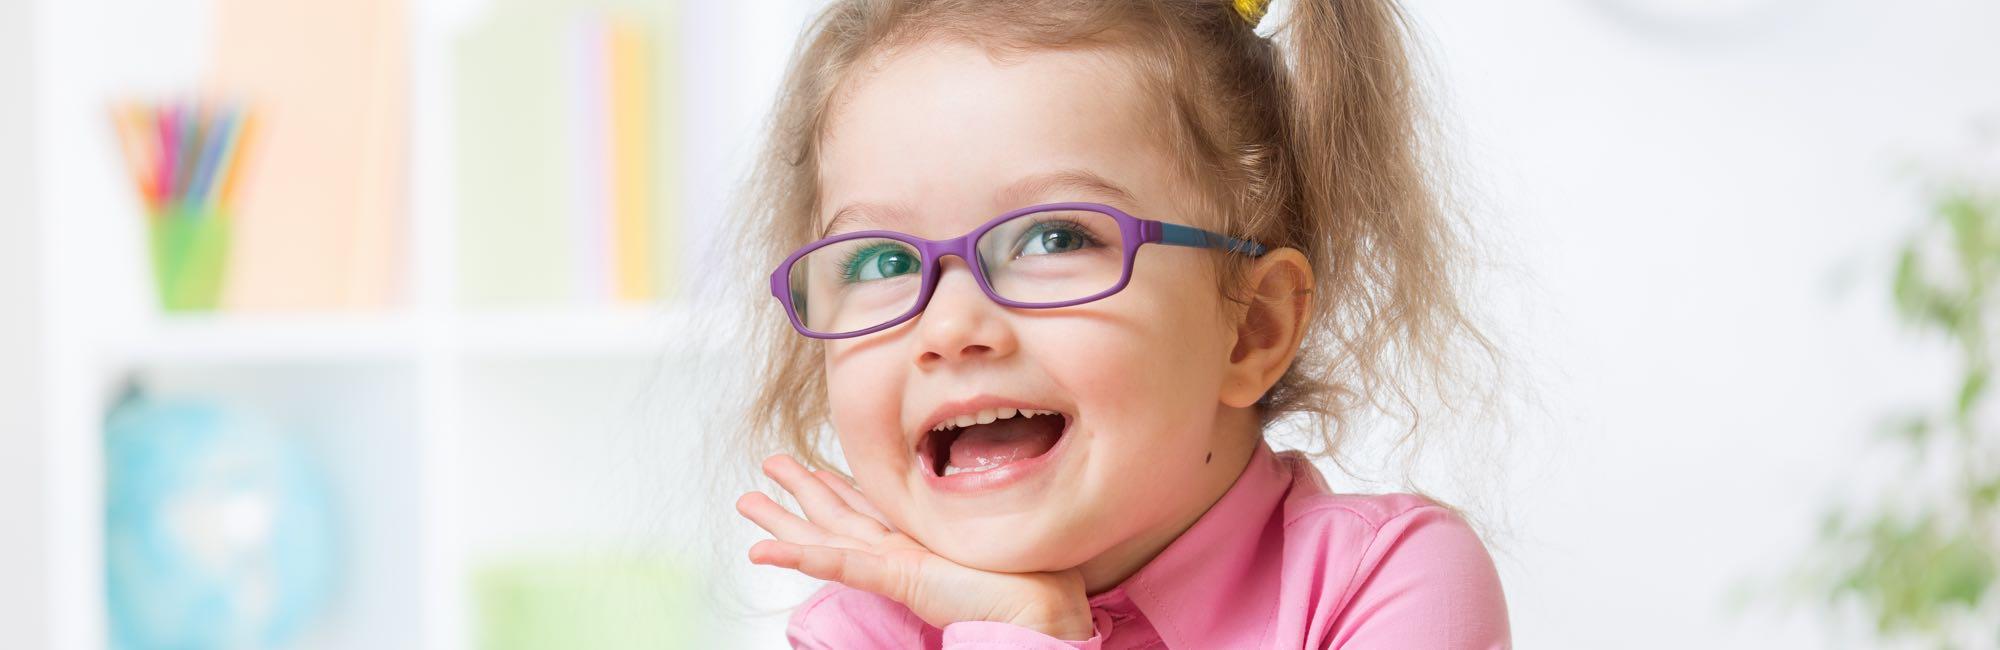 os-benefIcios-do-aprendizado-de-uma-segunda-lIngua-nos-primeiros-anos-de-vida-do-seu-filho-2